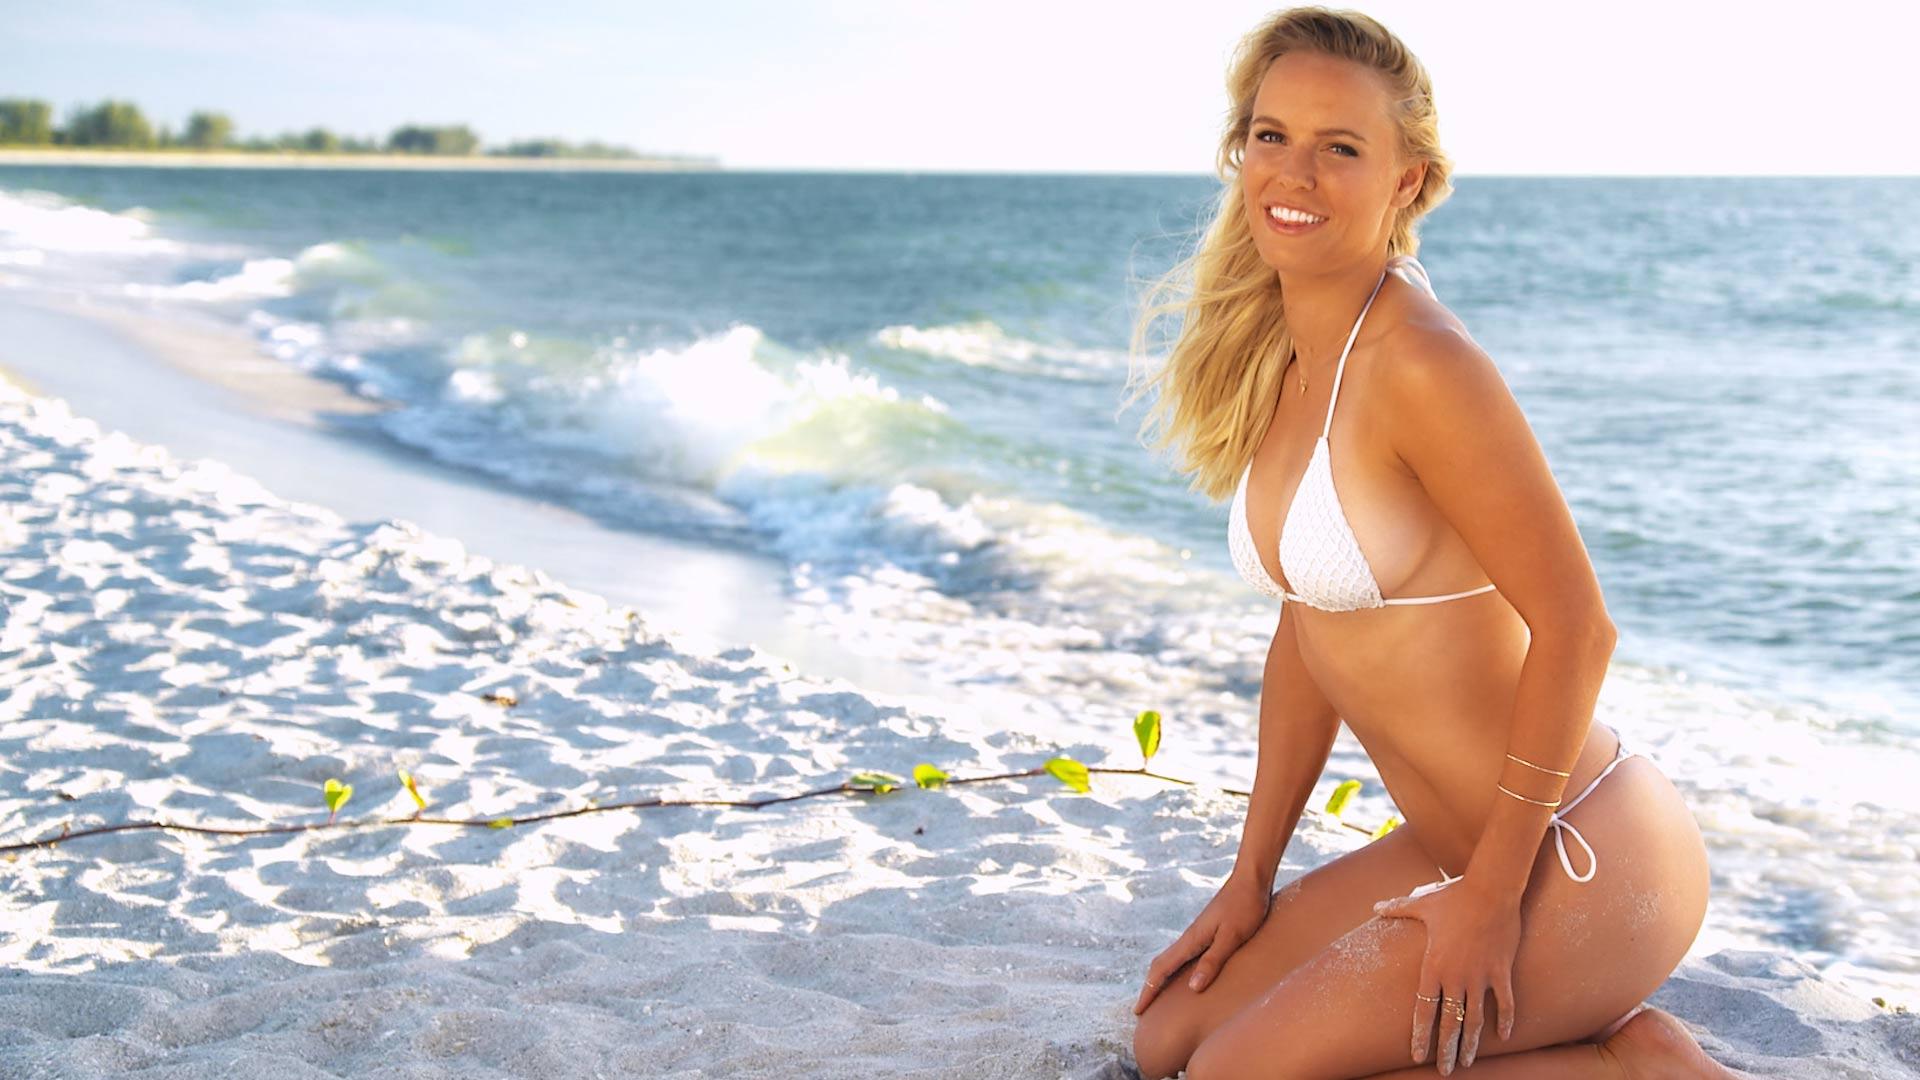 caroline-wozniacki-sexy-in-bikini